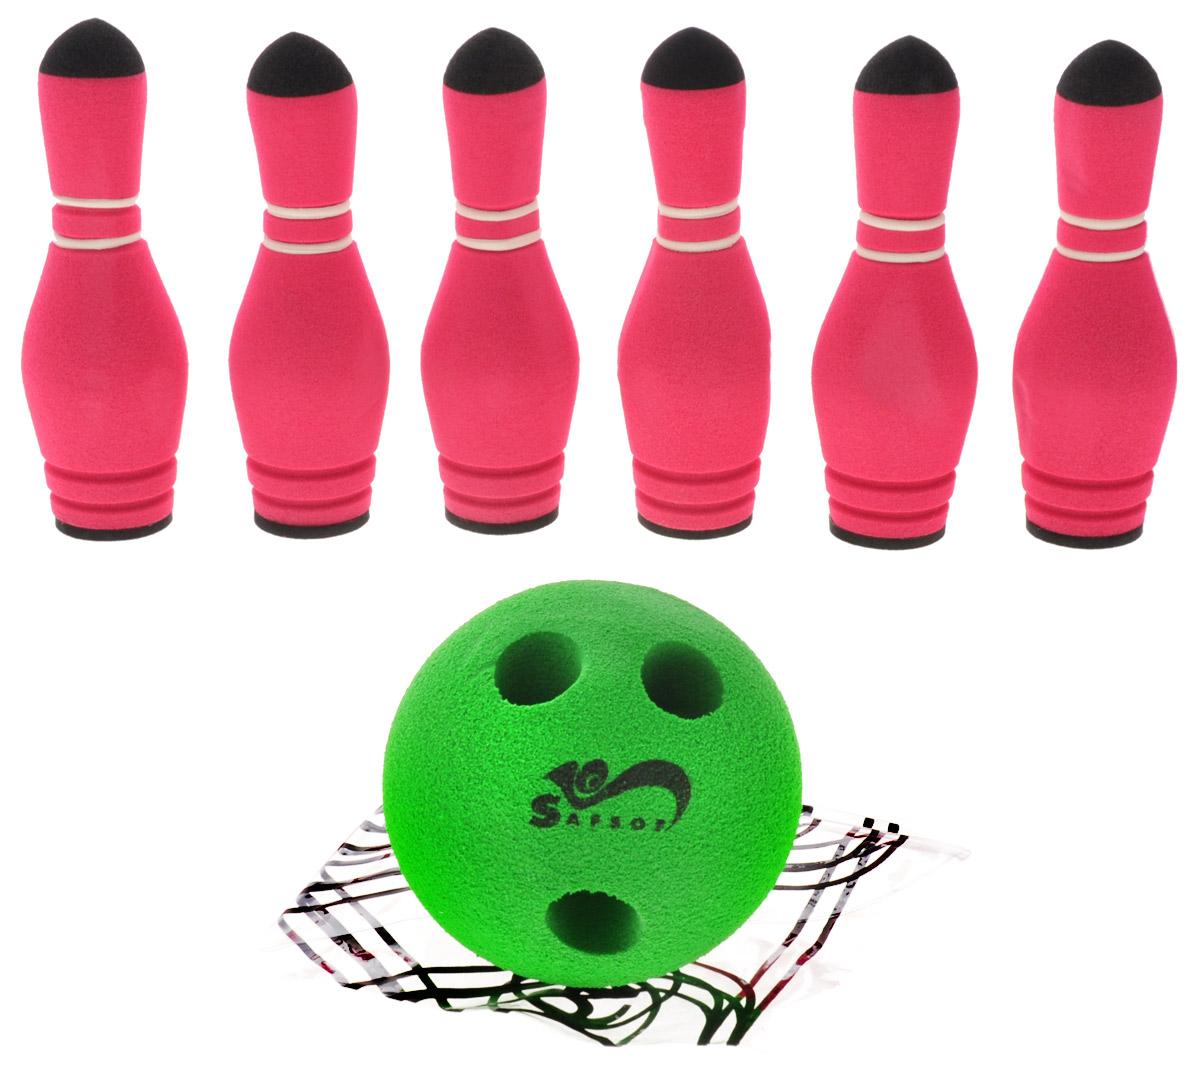 Safsof Игровой набор Мини-боулинг цвет красный зеленыйMBB-05(B)_красный, зеленыйИгровой набор Safsof Мини-боулинг, изготовленный из вспененной резины, состоит из шести кеглей и шара. Набор выполнен из мягкого материала, что обеспечивает безопасность ребенку. Суть игры в боулинг - сбить шаром максимальное количество кеглей. Число игроков и количество туров - произвольное. Очки, набранные с каждым броском мяча, рассматриваются как количество сбитых кегель. Расстояние, с которого совершается бросок, определяется игроками. Каждый игрок имеет право на два броска в одной рамке (рамка - треугольник, на поле которого выстраиваются кегли перед каждым первым броском очередного игрока). Бросок, при котором все кегли сбиты, называется страйк и обозначается как Х. Если все кегли сбиты первым броском, второй бросок не требуется: рамка считается закрытой. Призовые очки за страйк - это сумма кеглей, сбитых игроком следующими двумя бросками. Выигрывает тот игрок, который в сумме набирает больше очков.